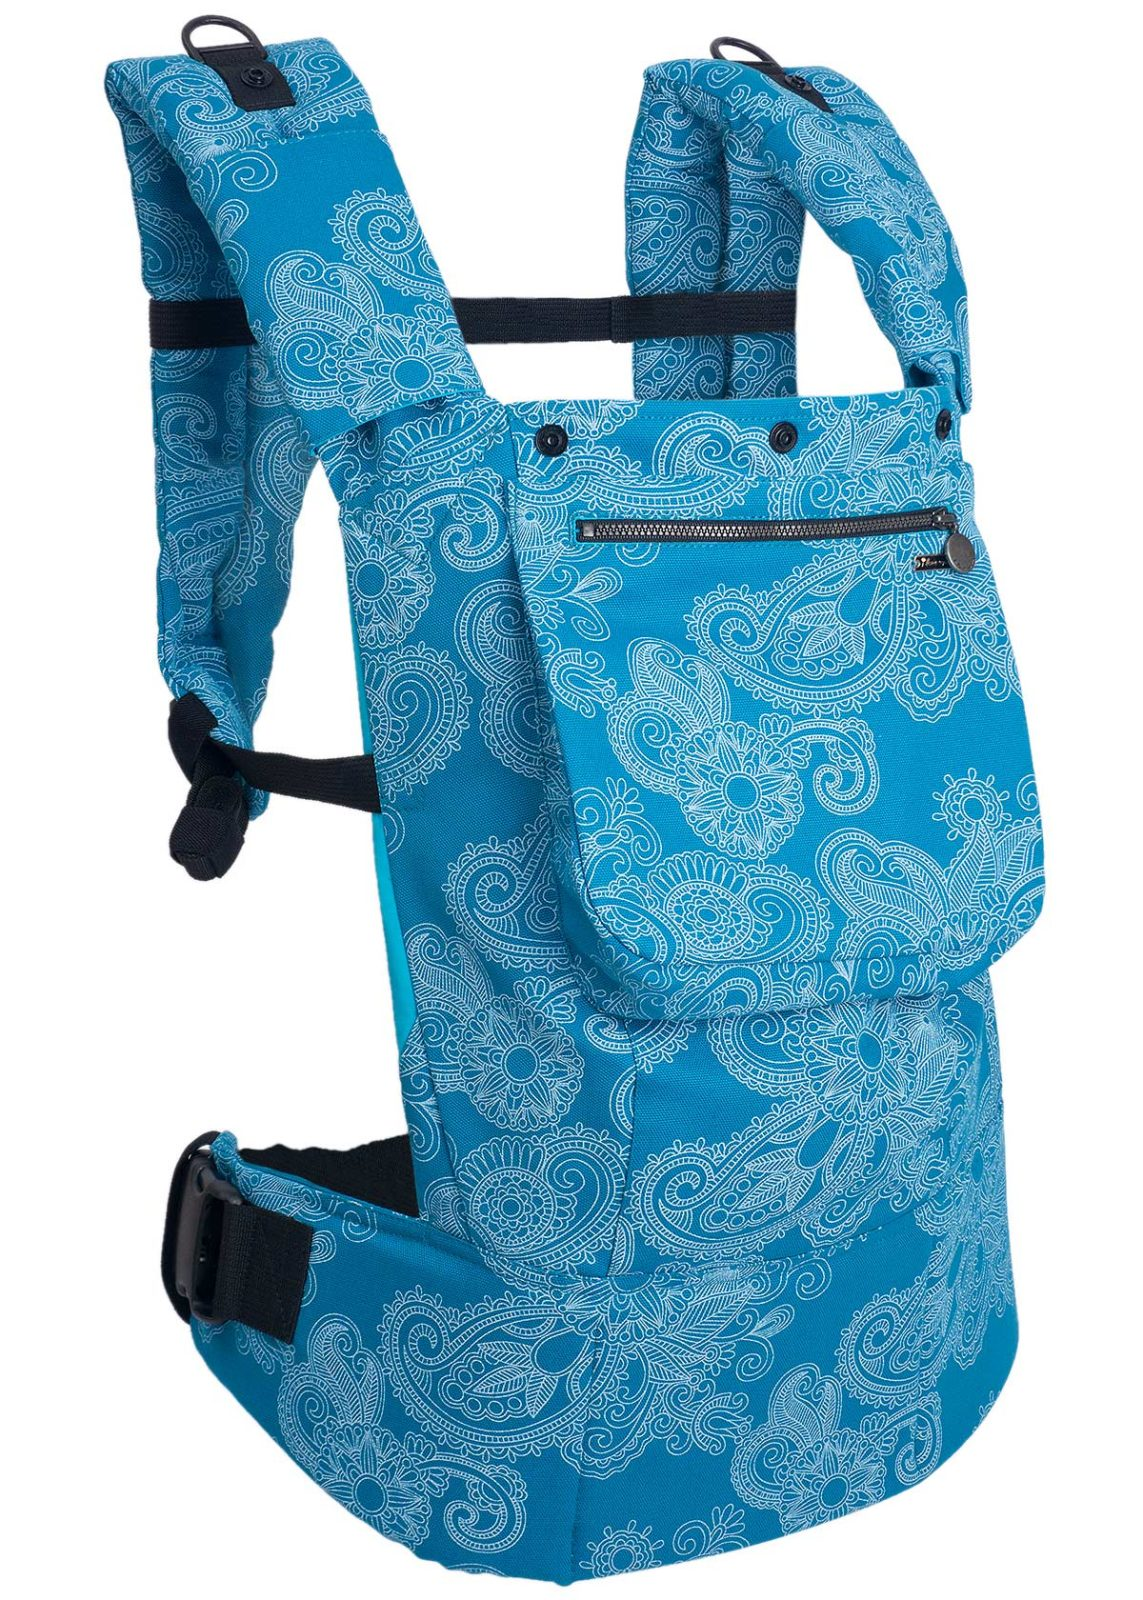 Эрго-рюкзак может стать отличным подарком для молодой мамы!